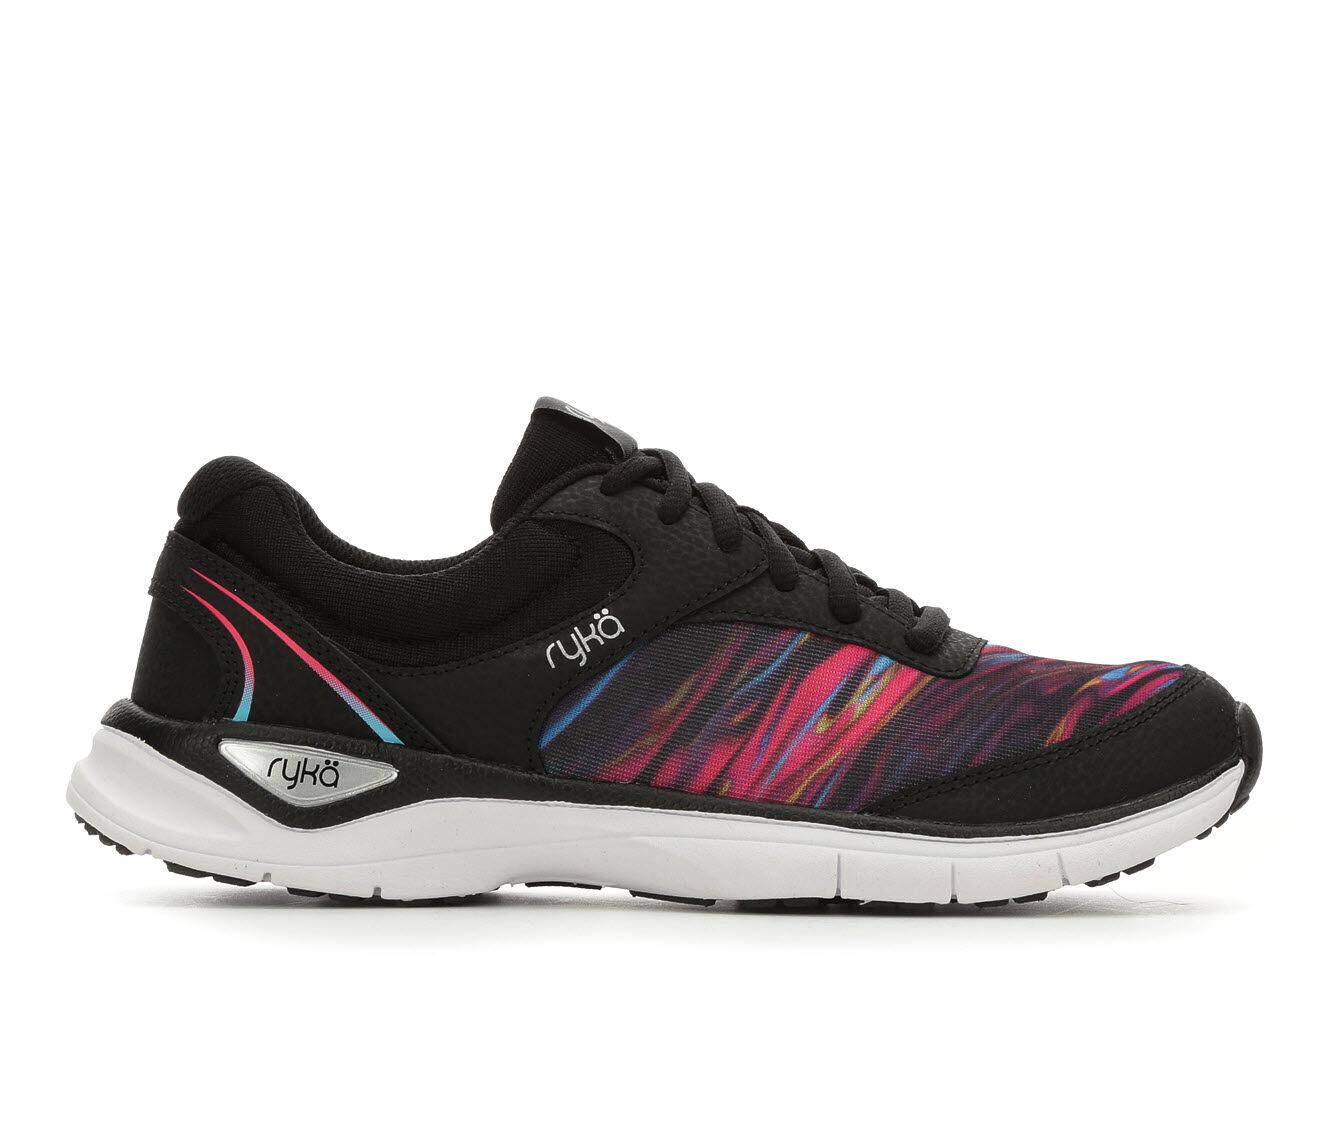 Women's Ryka Raze Walking Shoes Black Multi